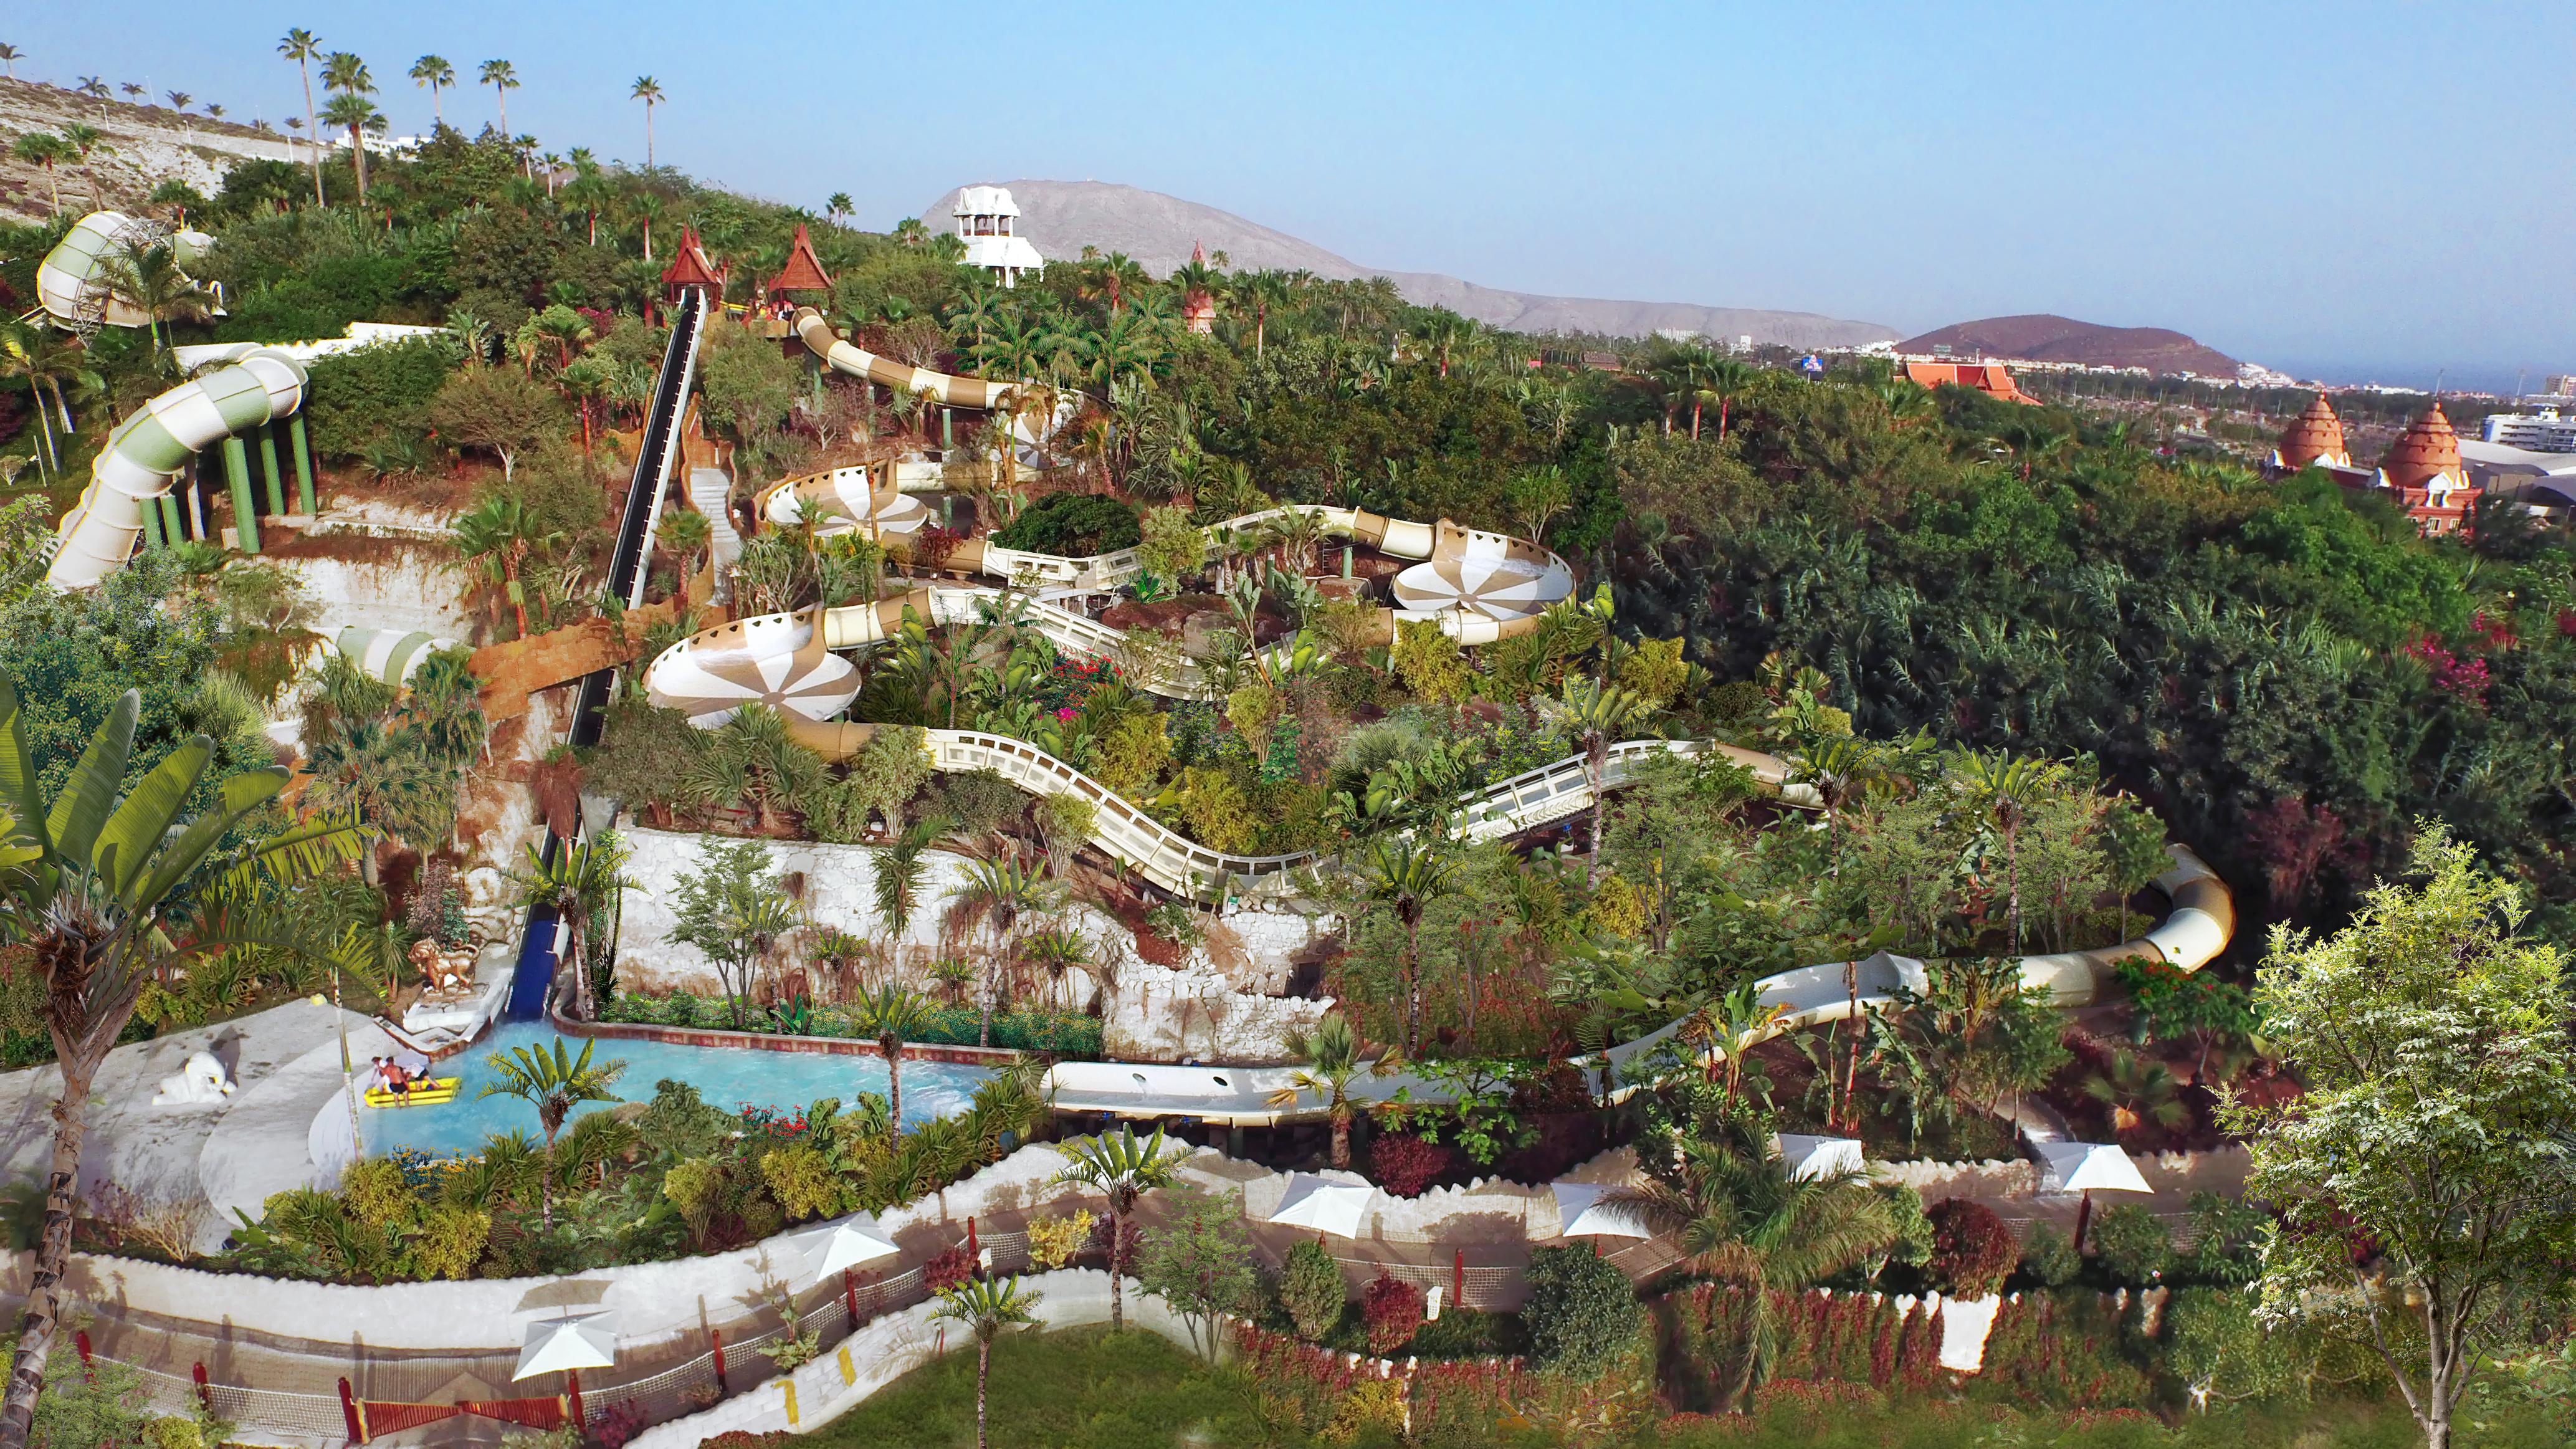 Singha water slide at Siam Park